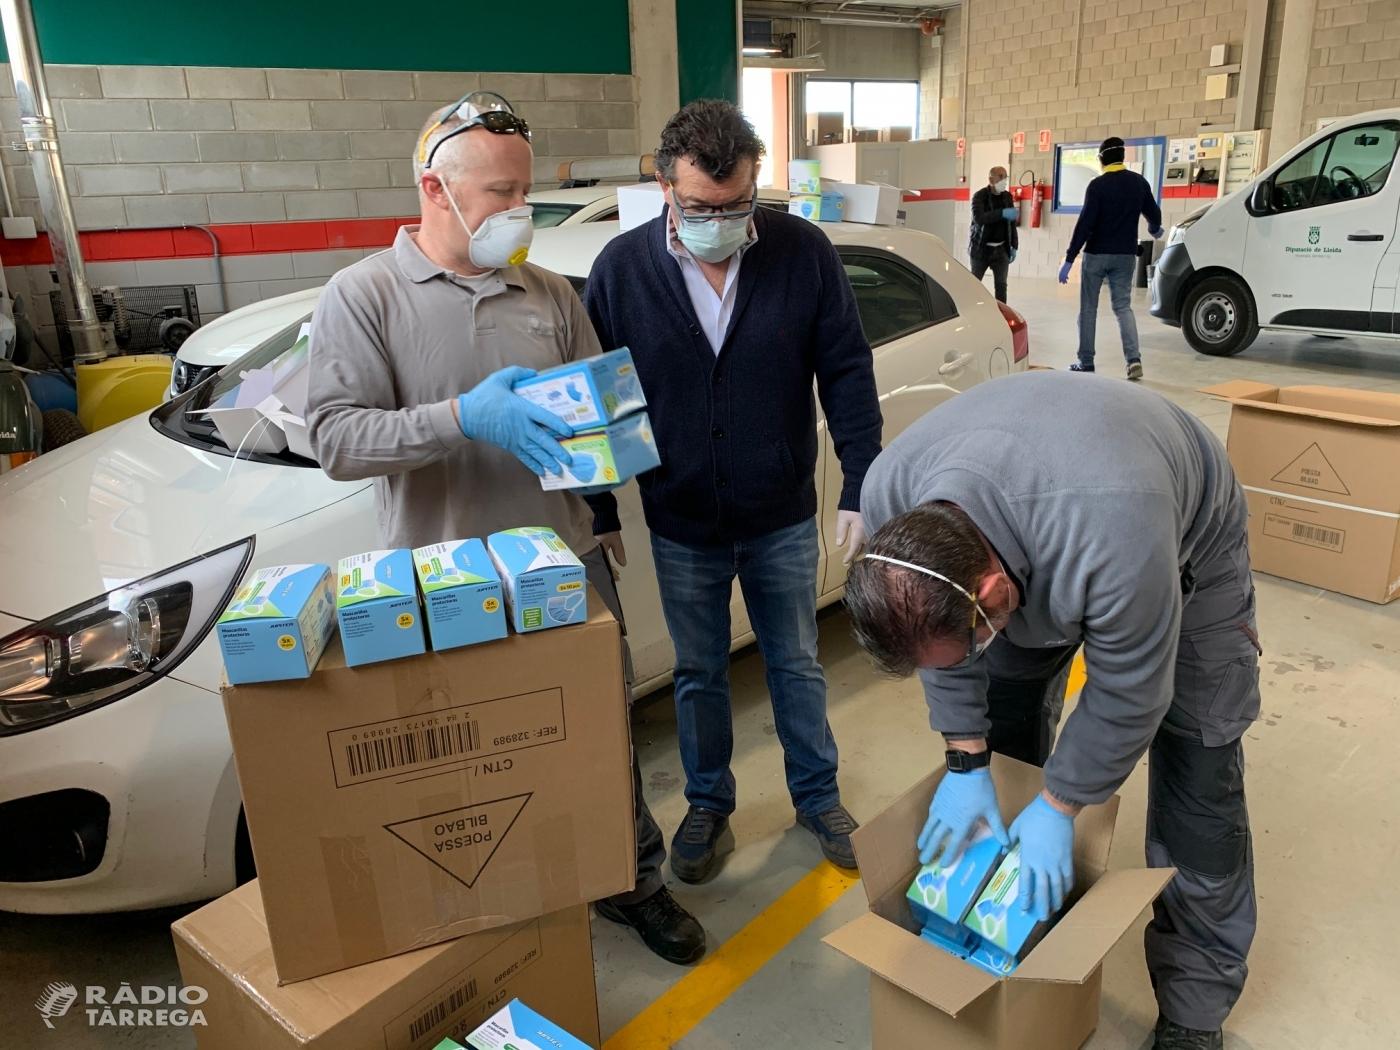 La Diputació de Lleida reparteix 50.000 mascaretes i 1.200 ulleres de protecció entre els ajuntaments a través dels consells comarcals de la demarcació